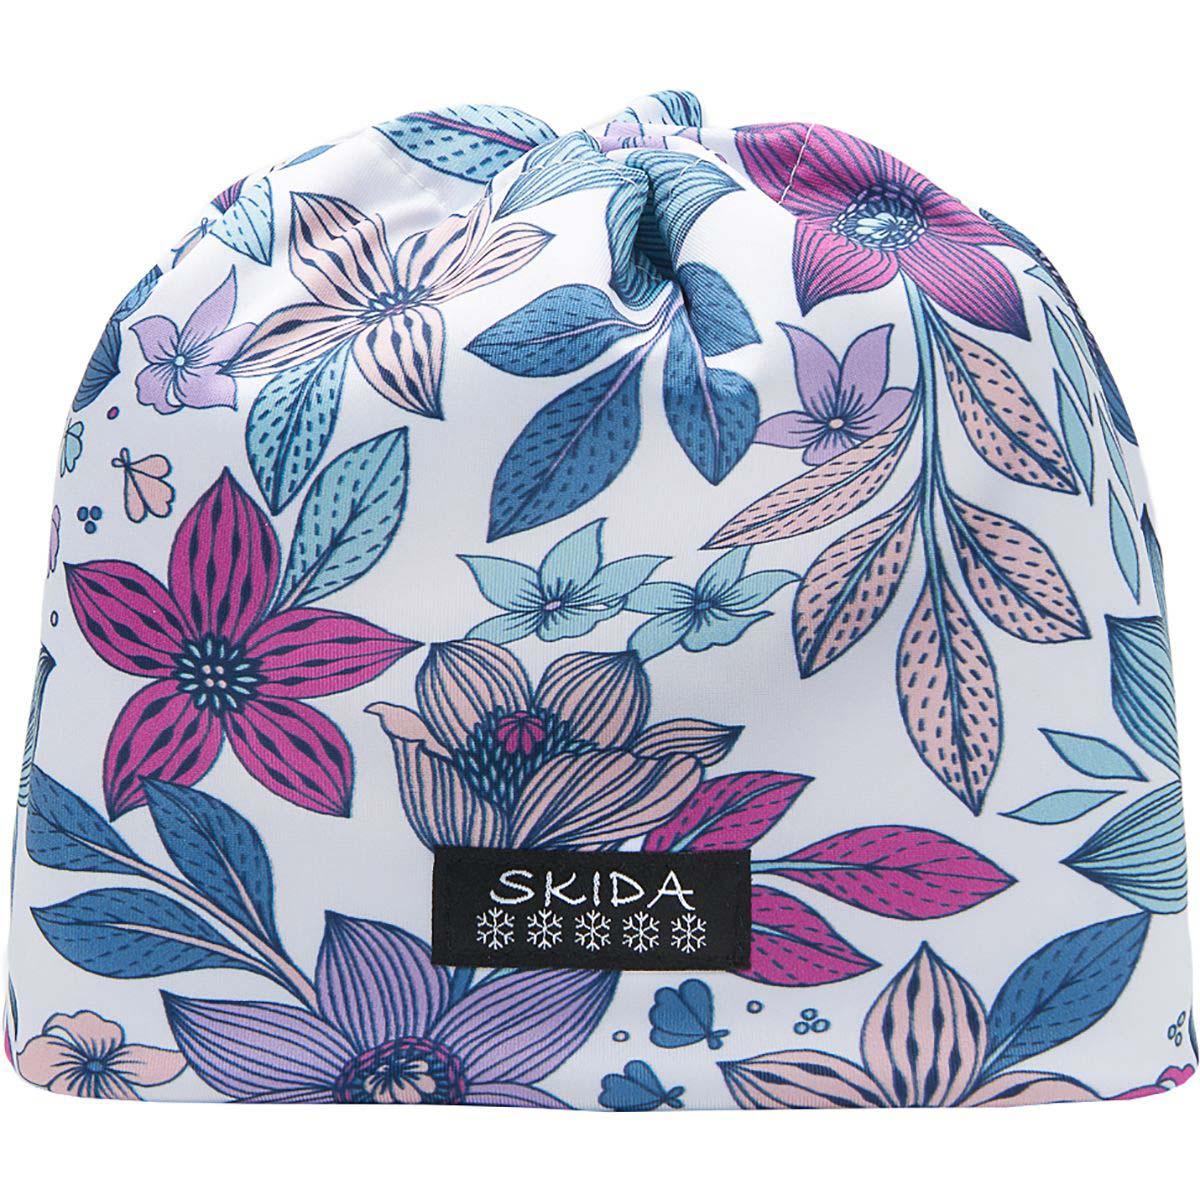 hat for mountain bike mom gift - skida